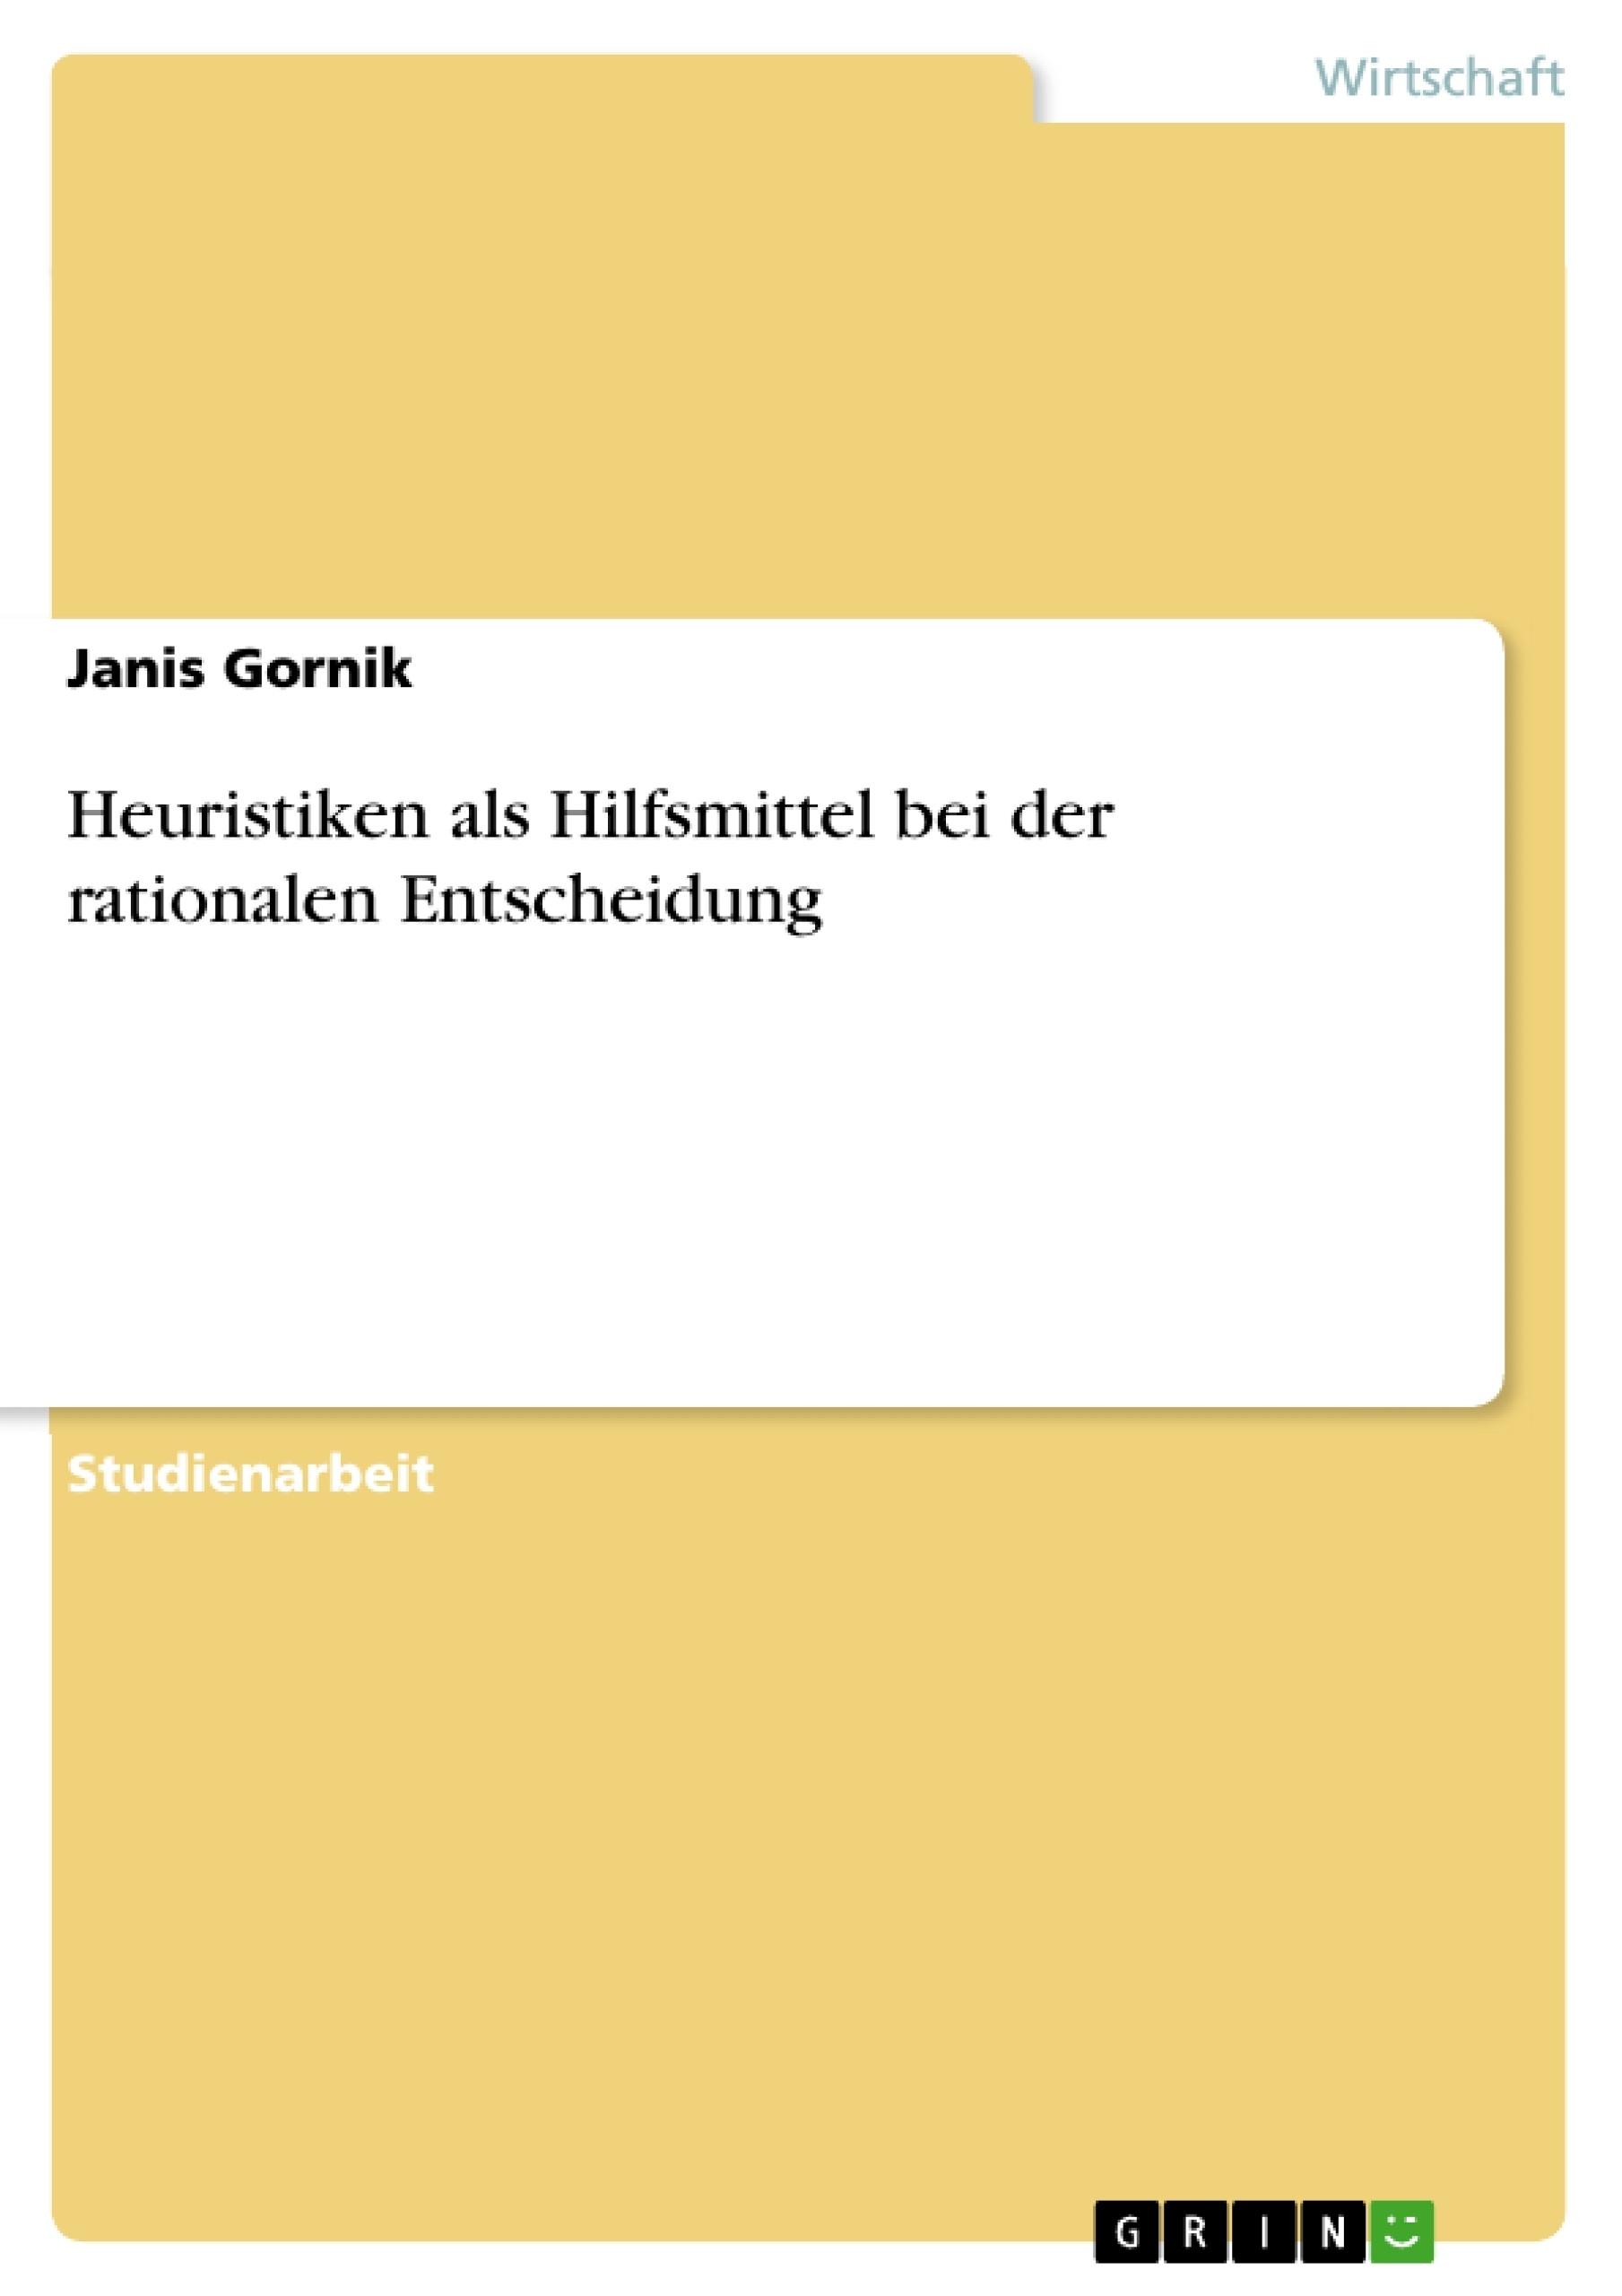 Titel: Heuristiken als Hilfsmittel bei der rationalen Entscheidung